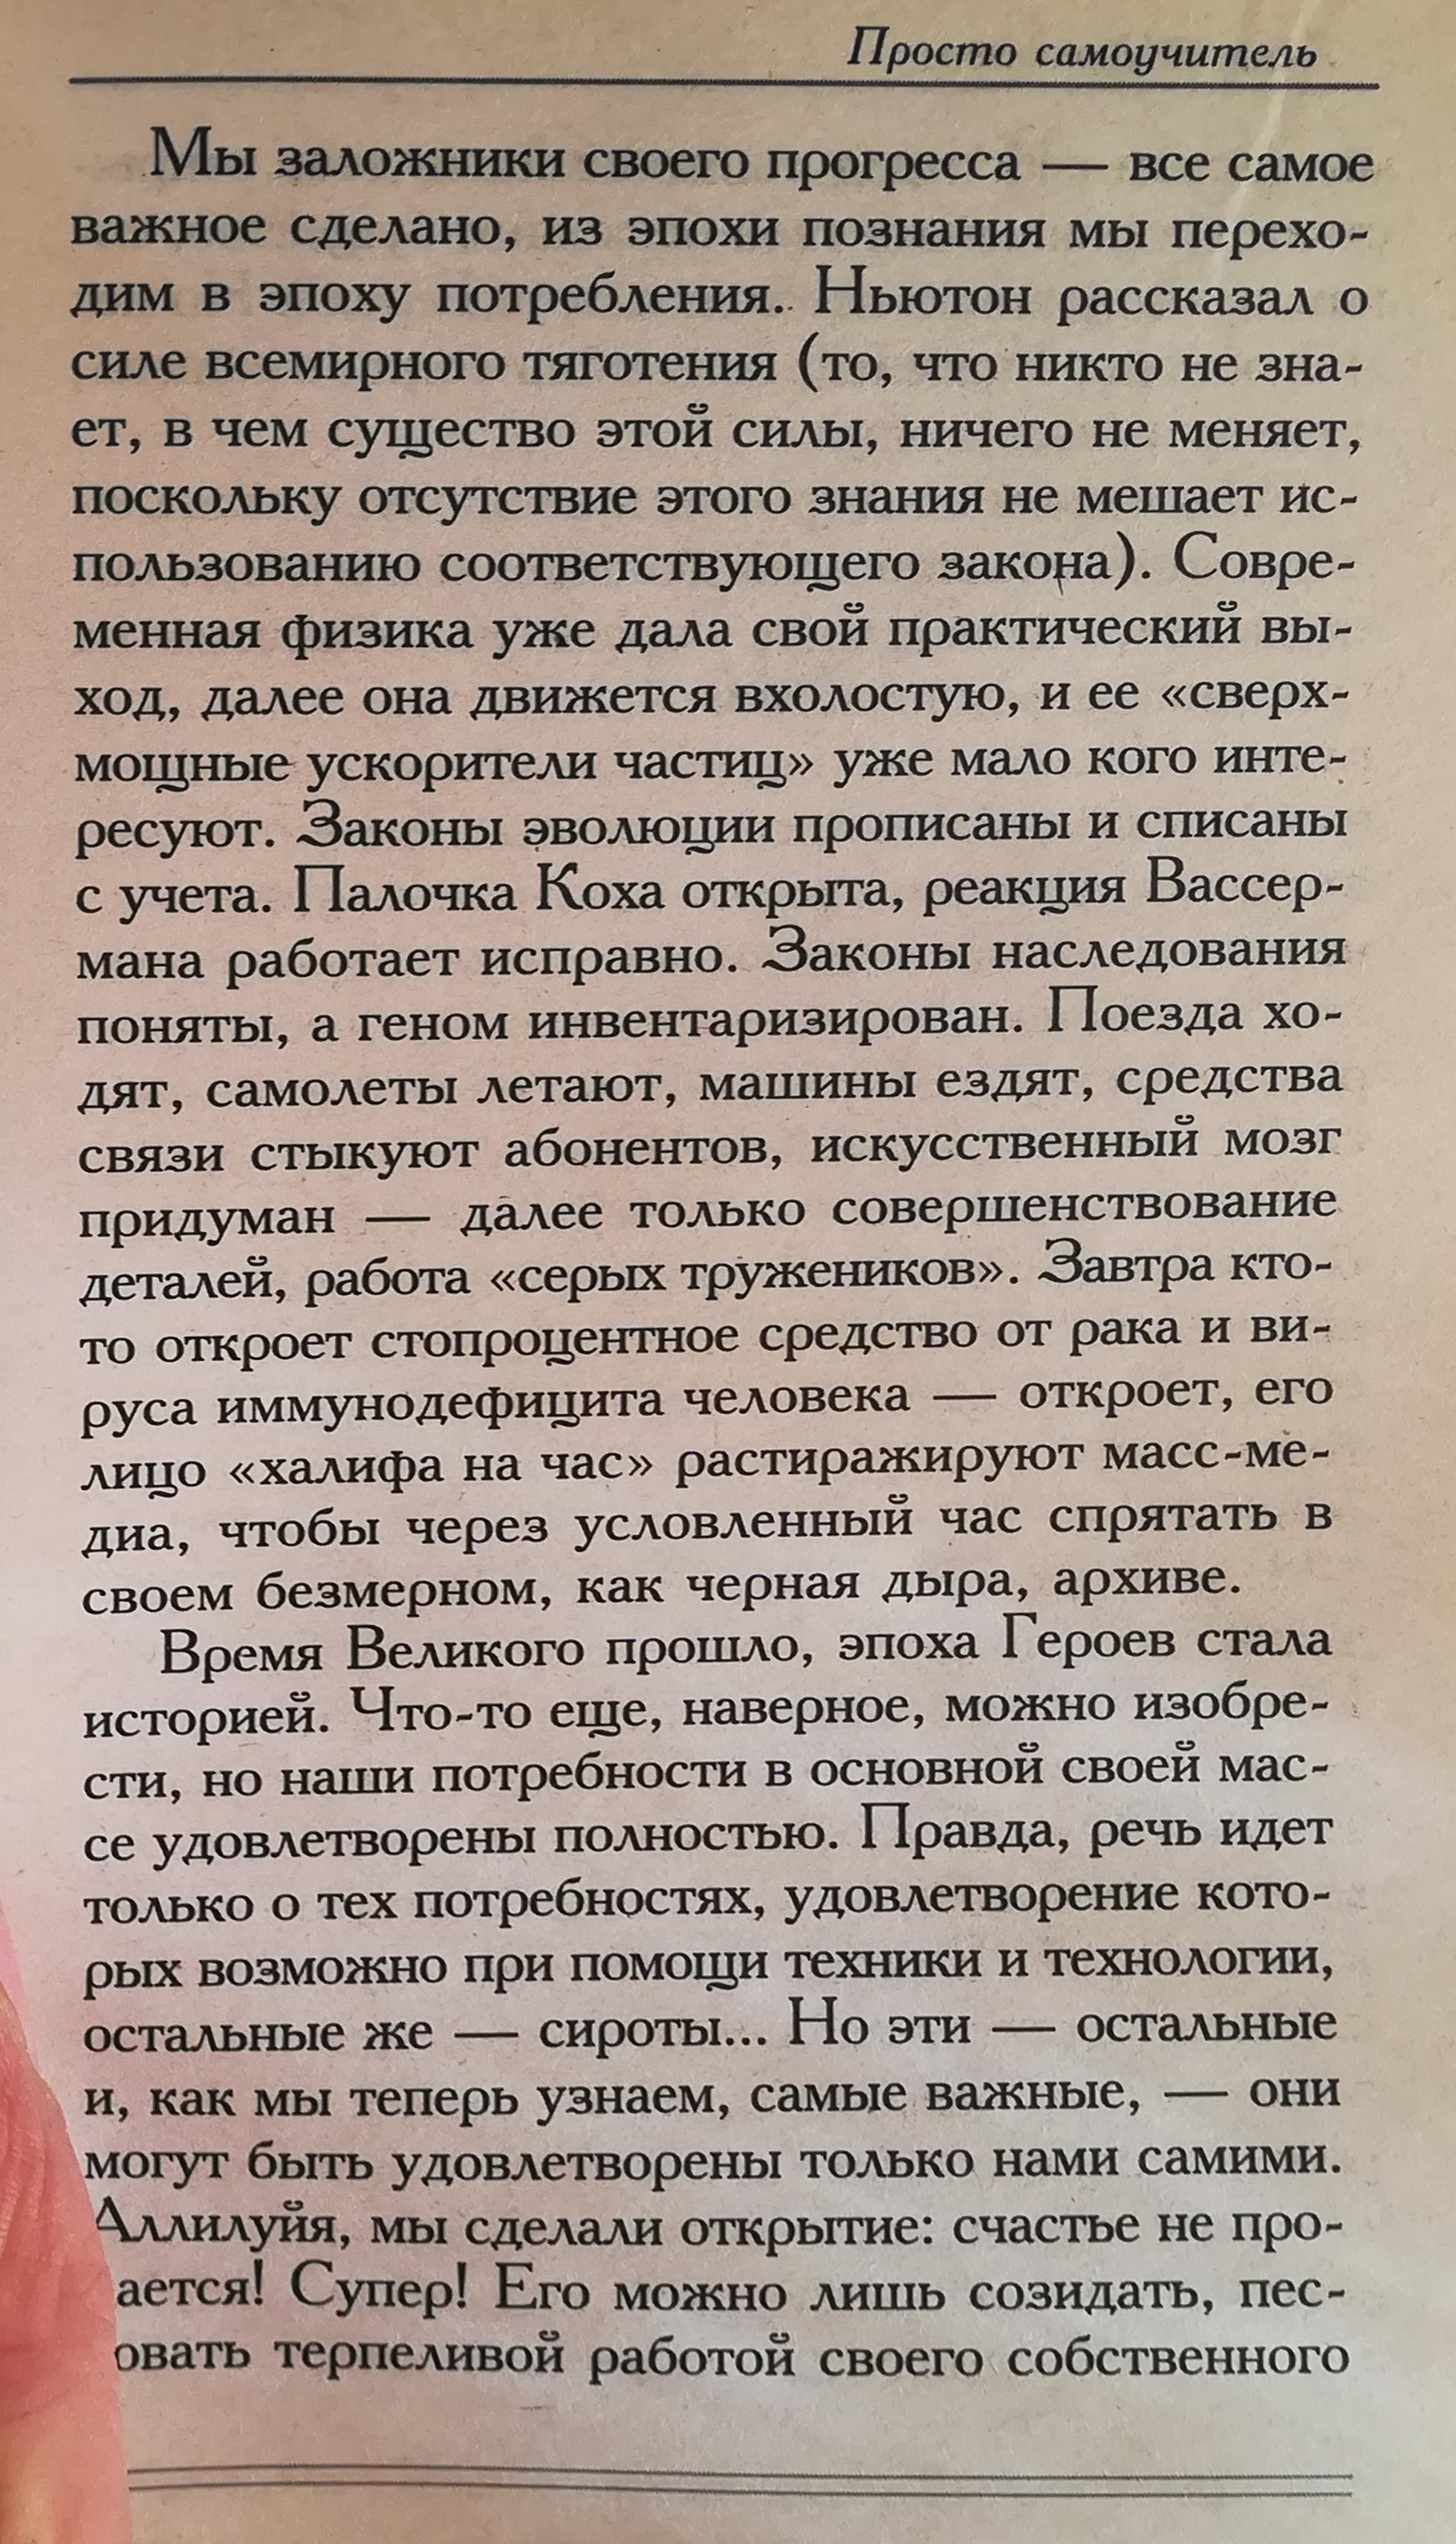 Andresi Kurpatovi eneseabi filosoofias  Kurpatov_153